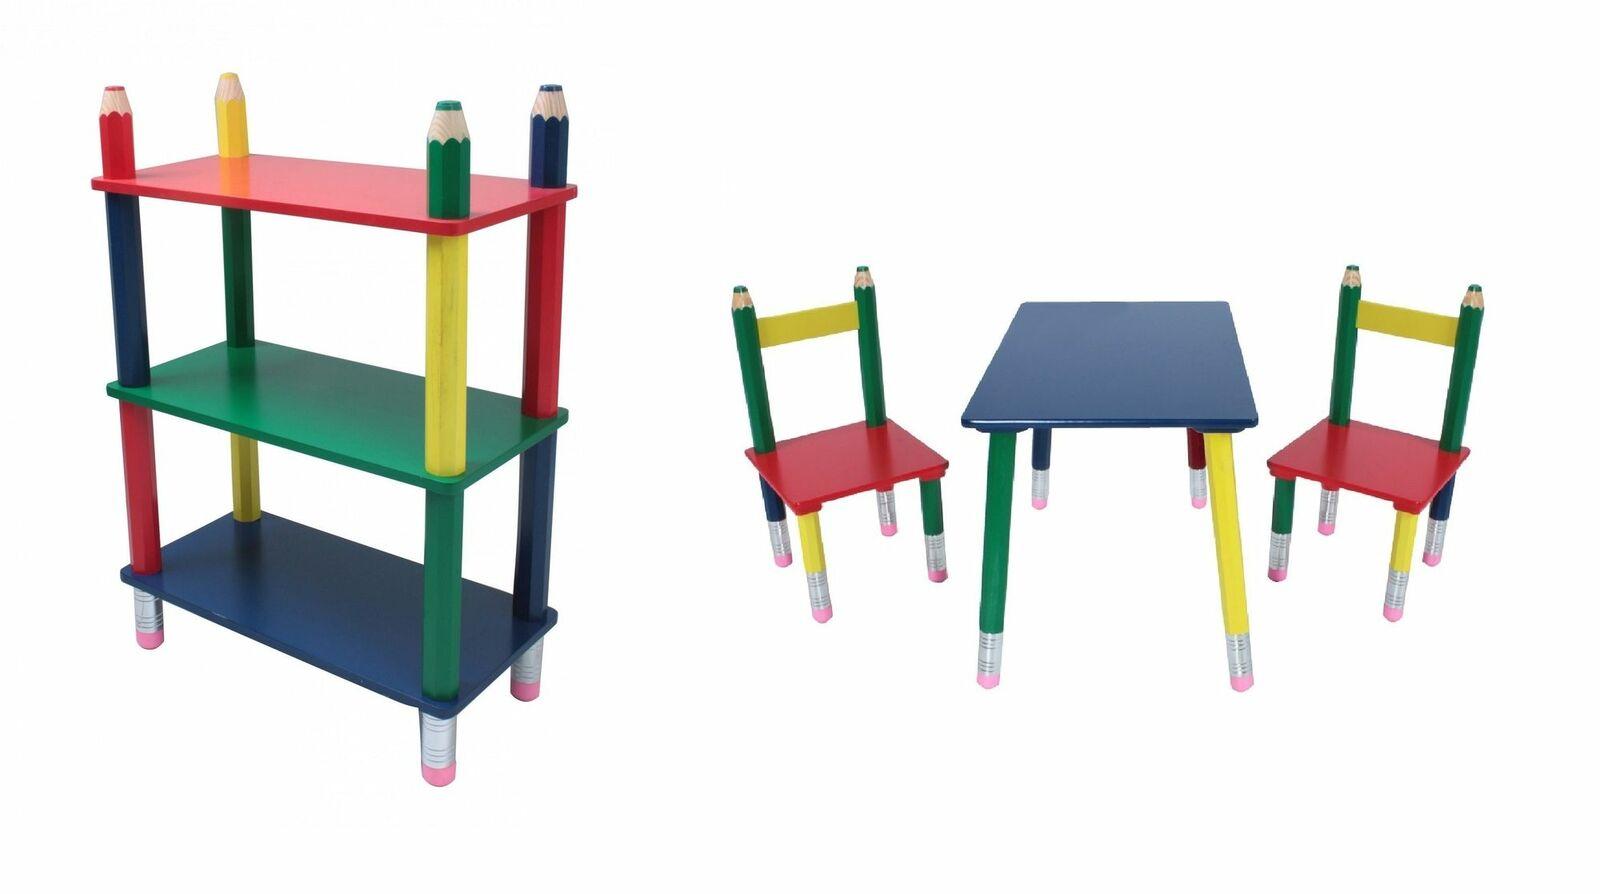 Enfants étagère mobilier pour enfants enfants table chaise chaise enfants chambre d'enfant enfants table